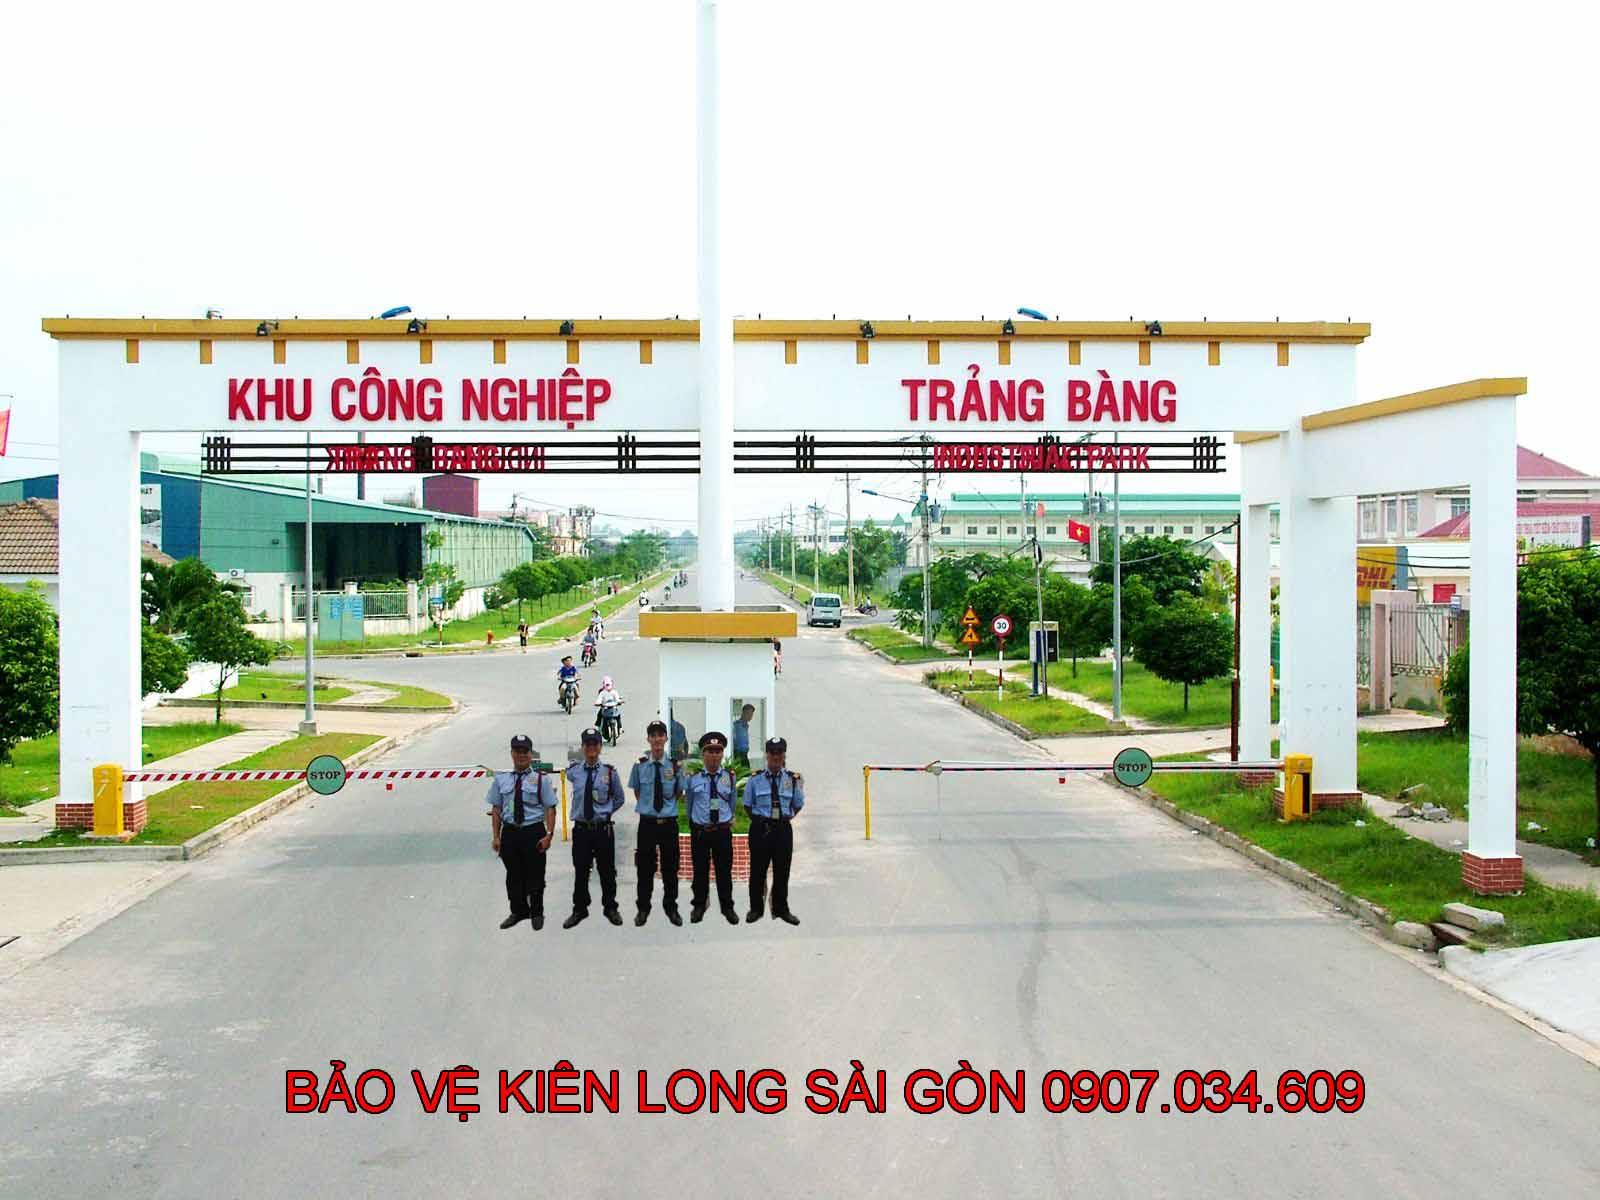 Dịch vụ bảo vệ khu công nghiệp Trảng Bàng Tây Ninh